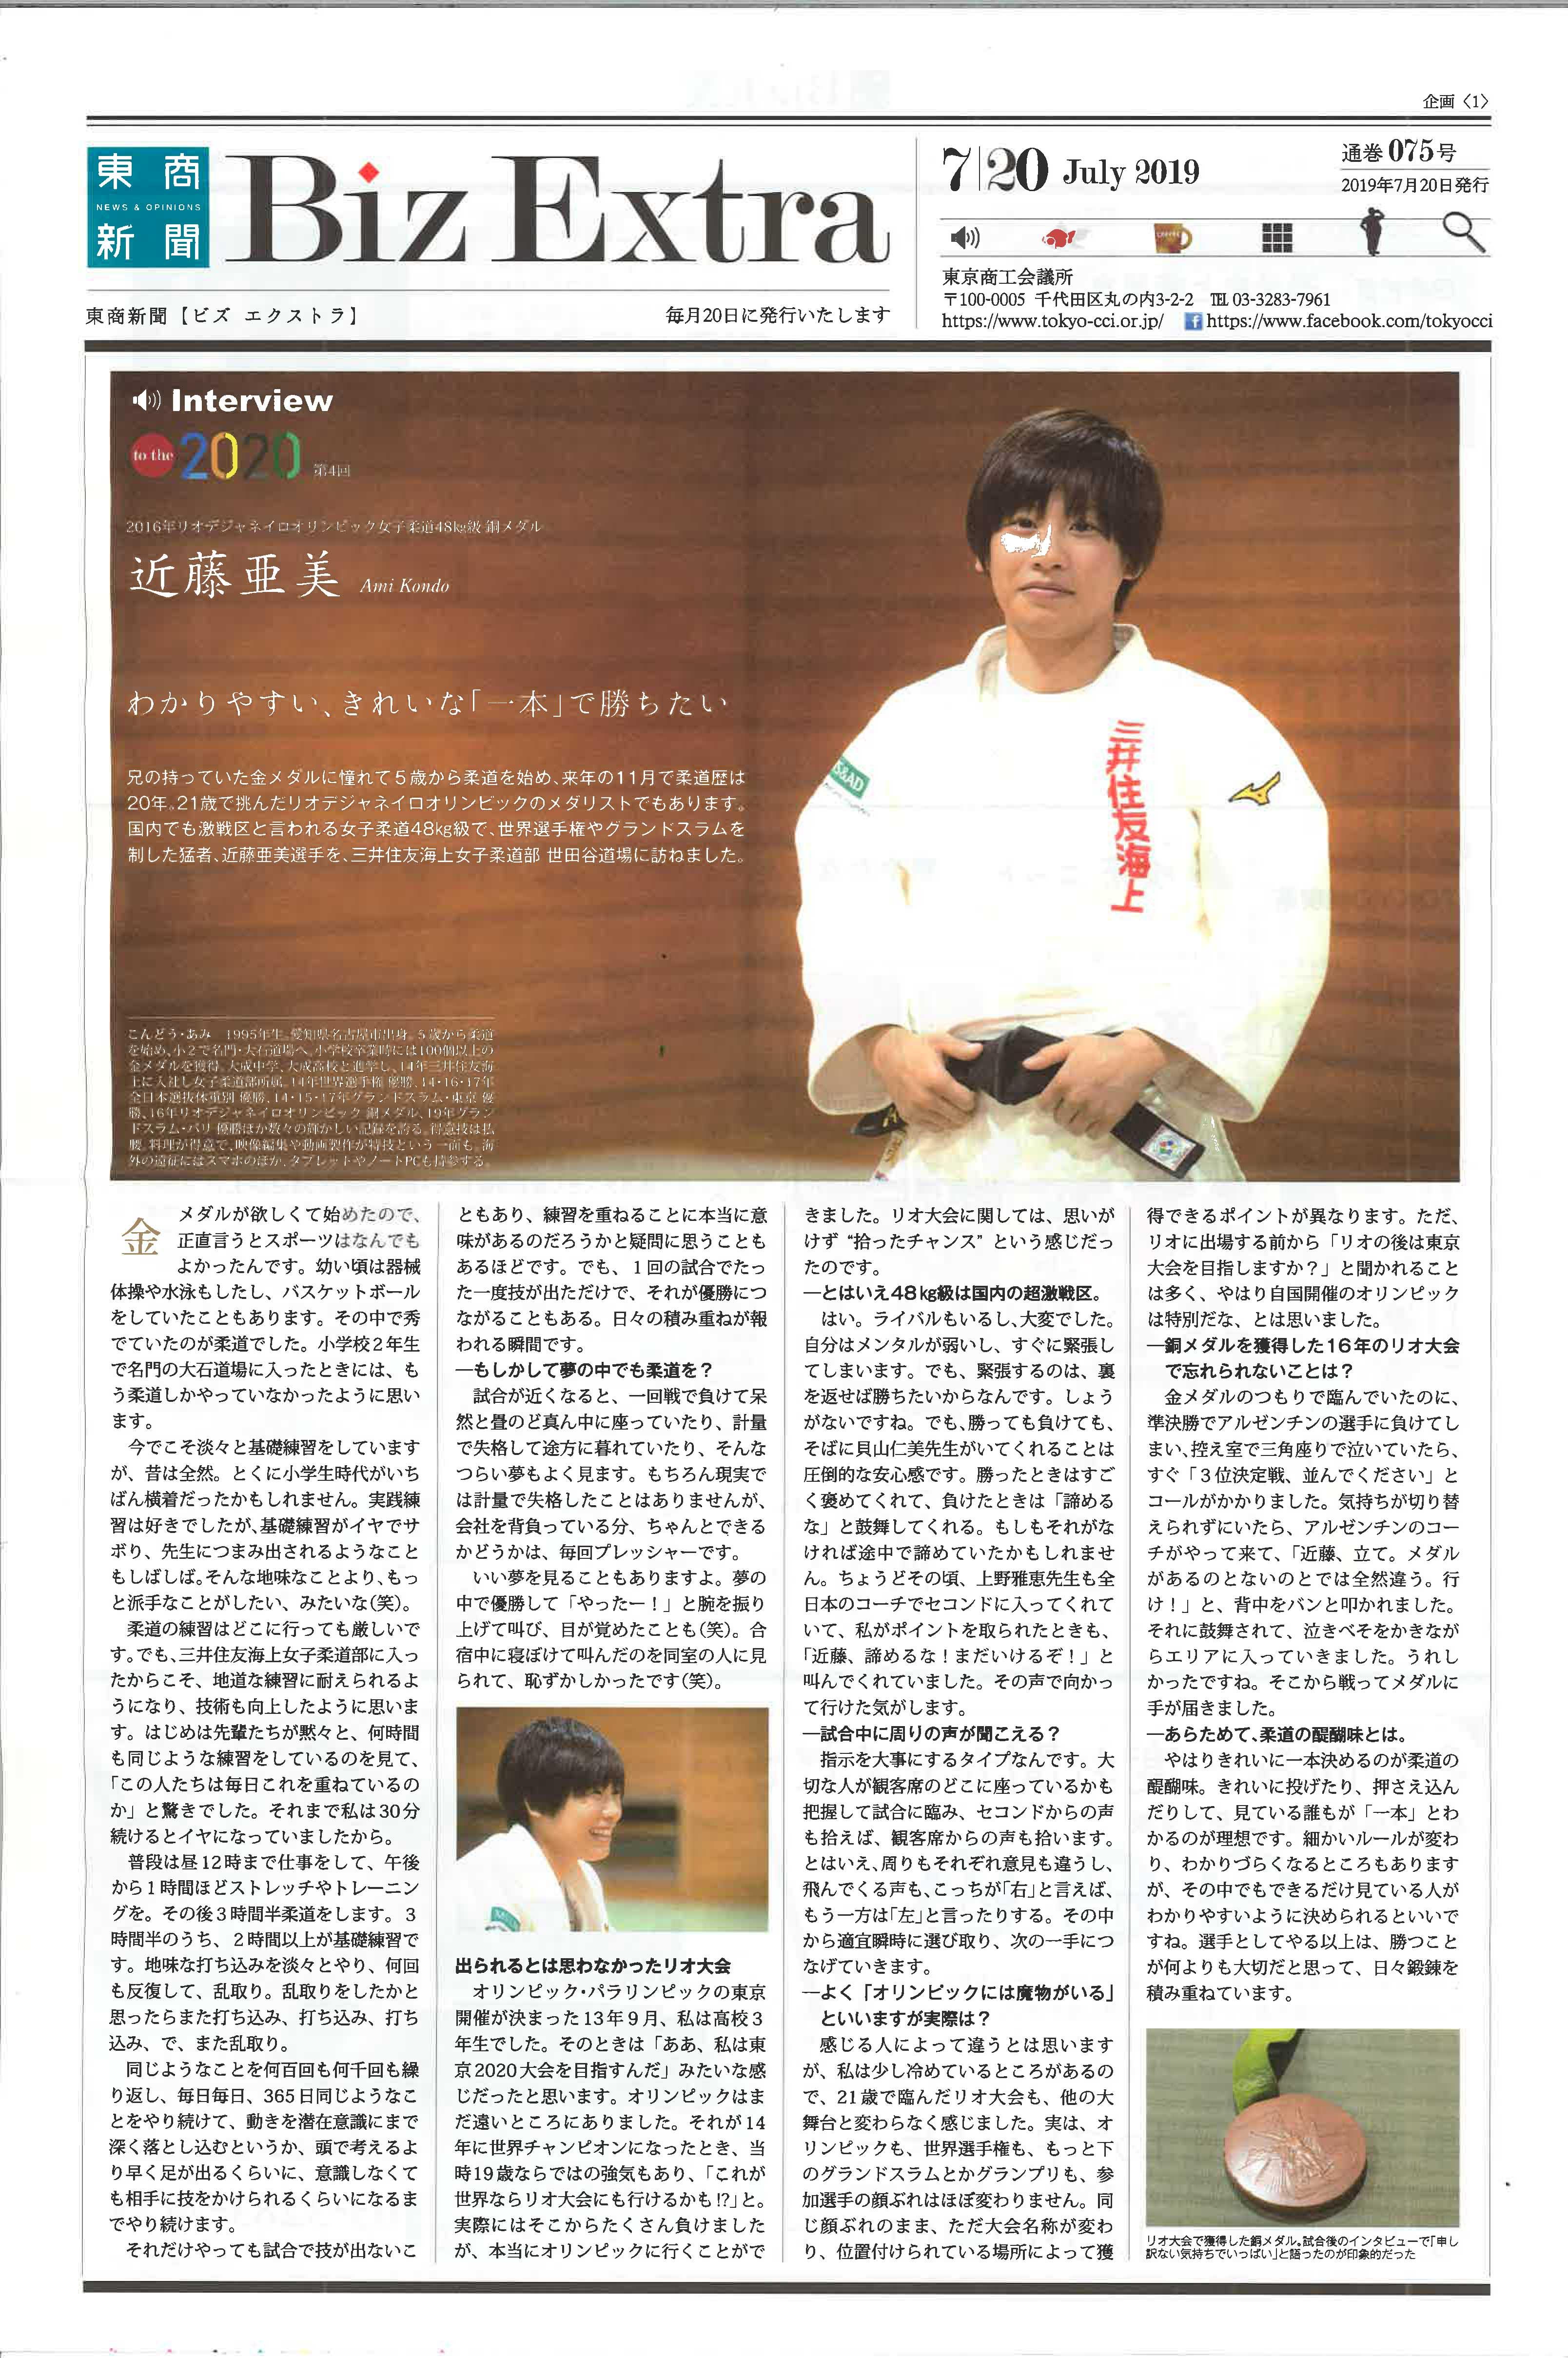 「東商新聞  Biz Extra」July 2019 通巻075号